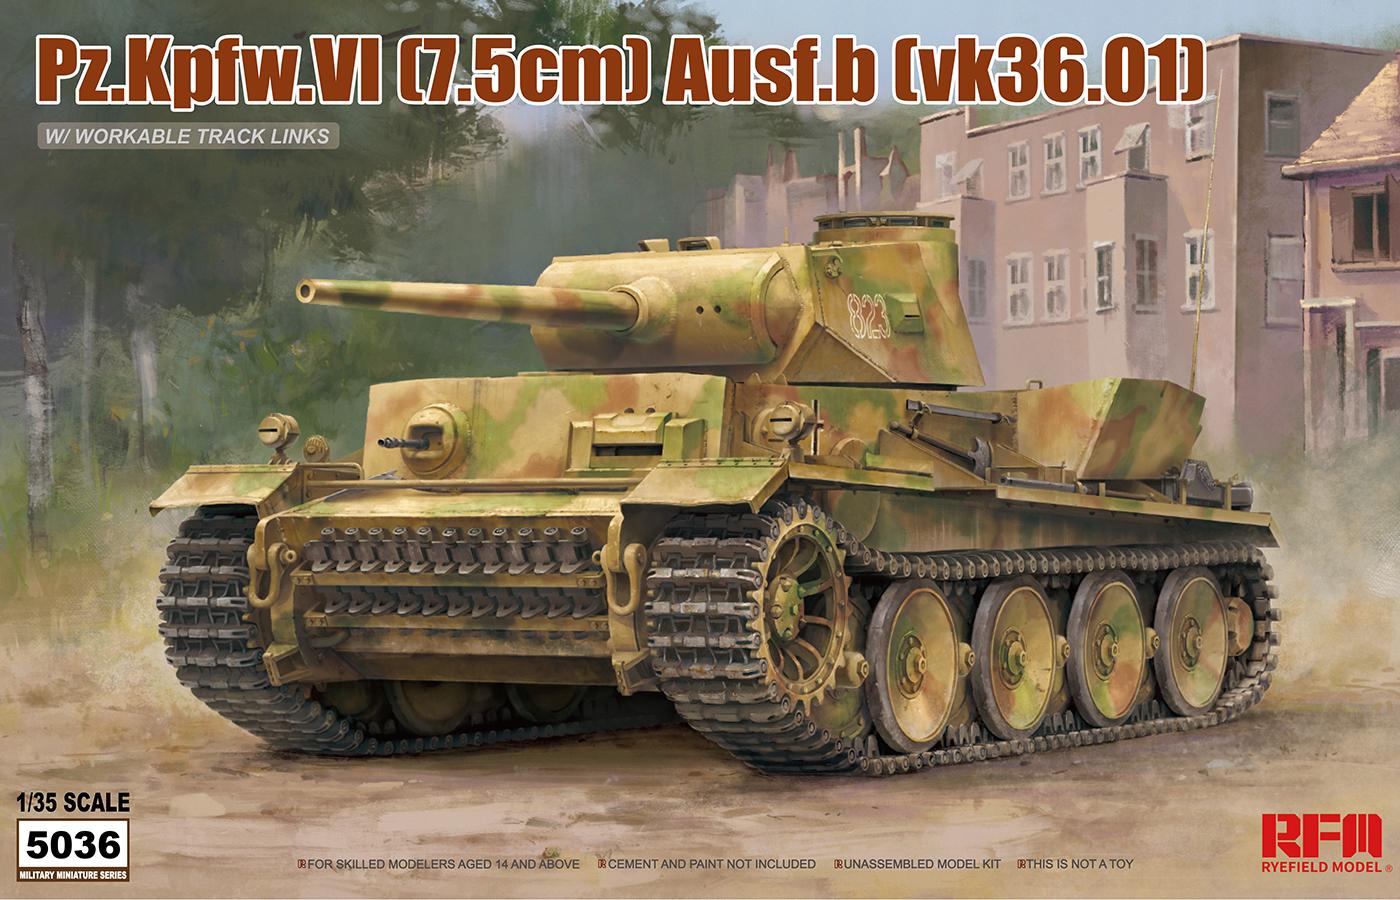 RM-5036 VK3601